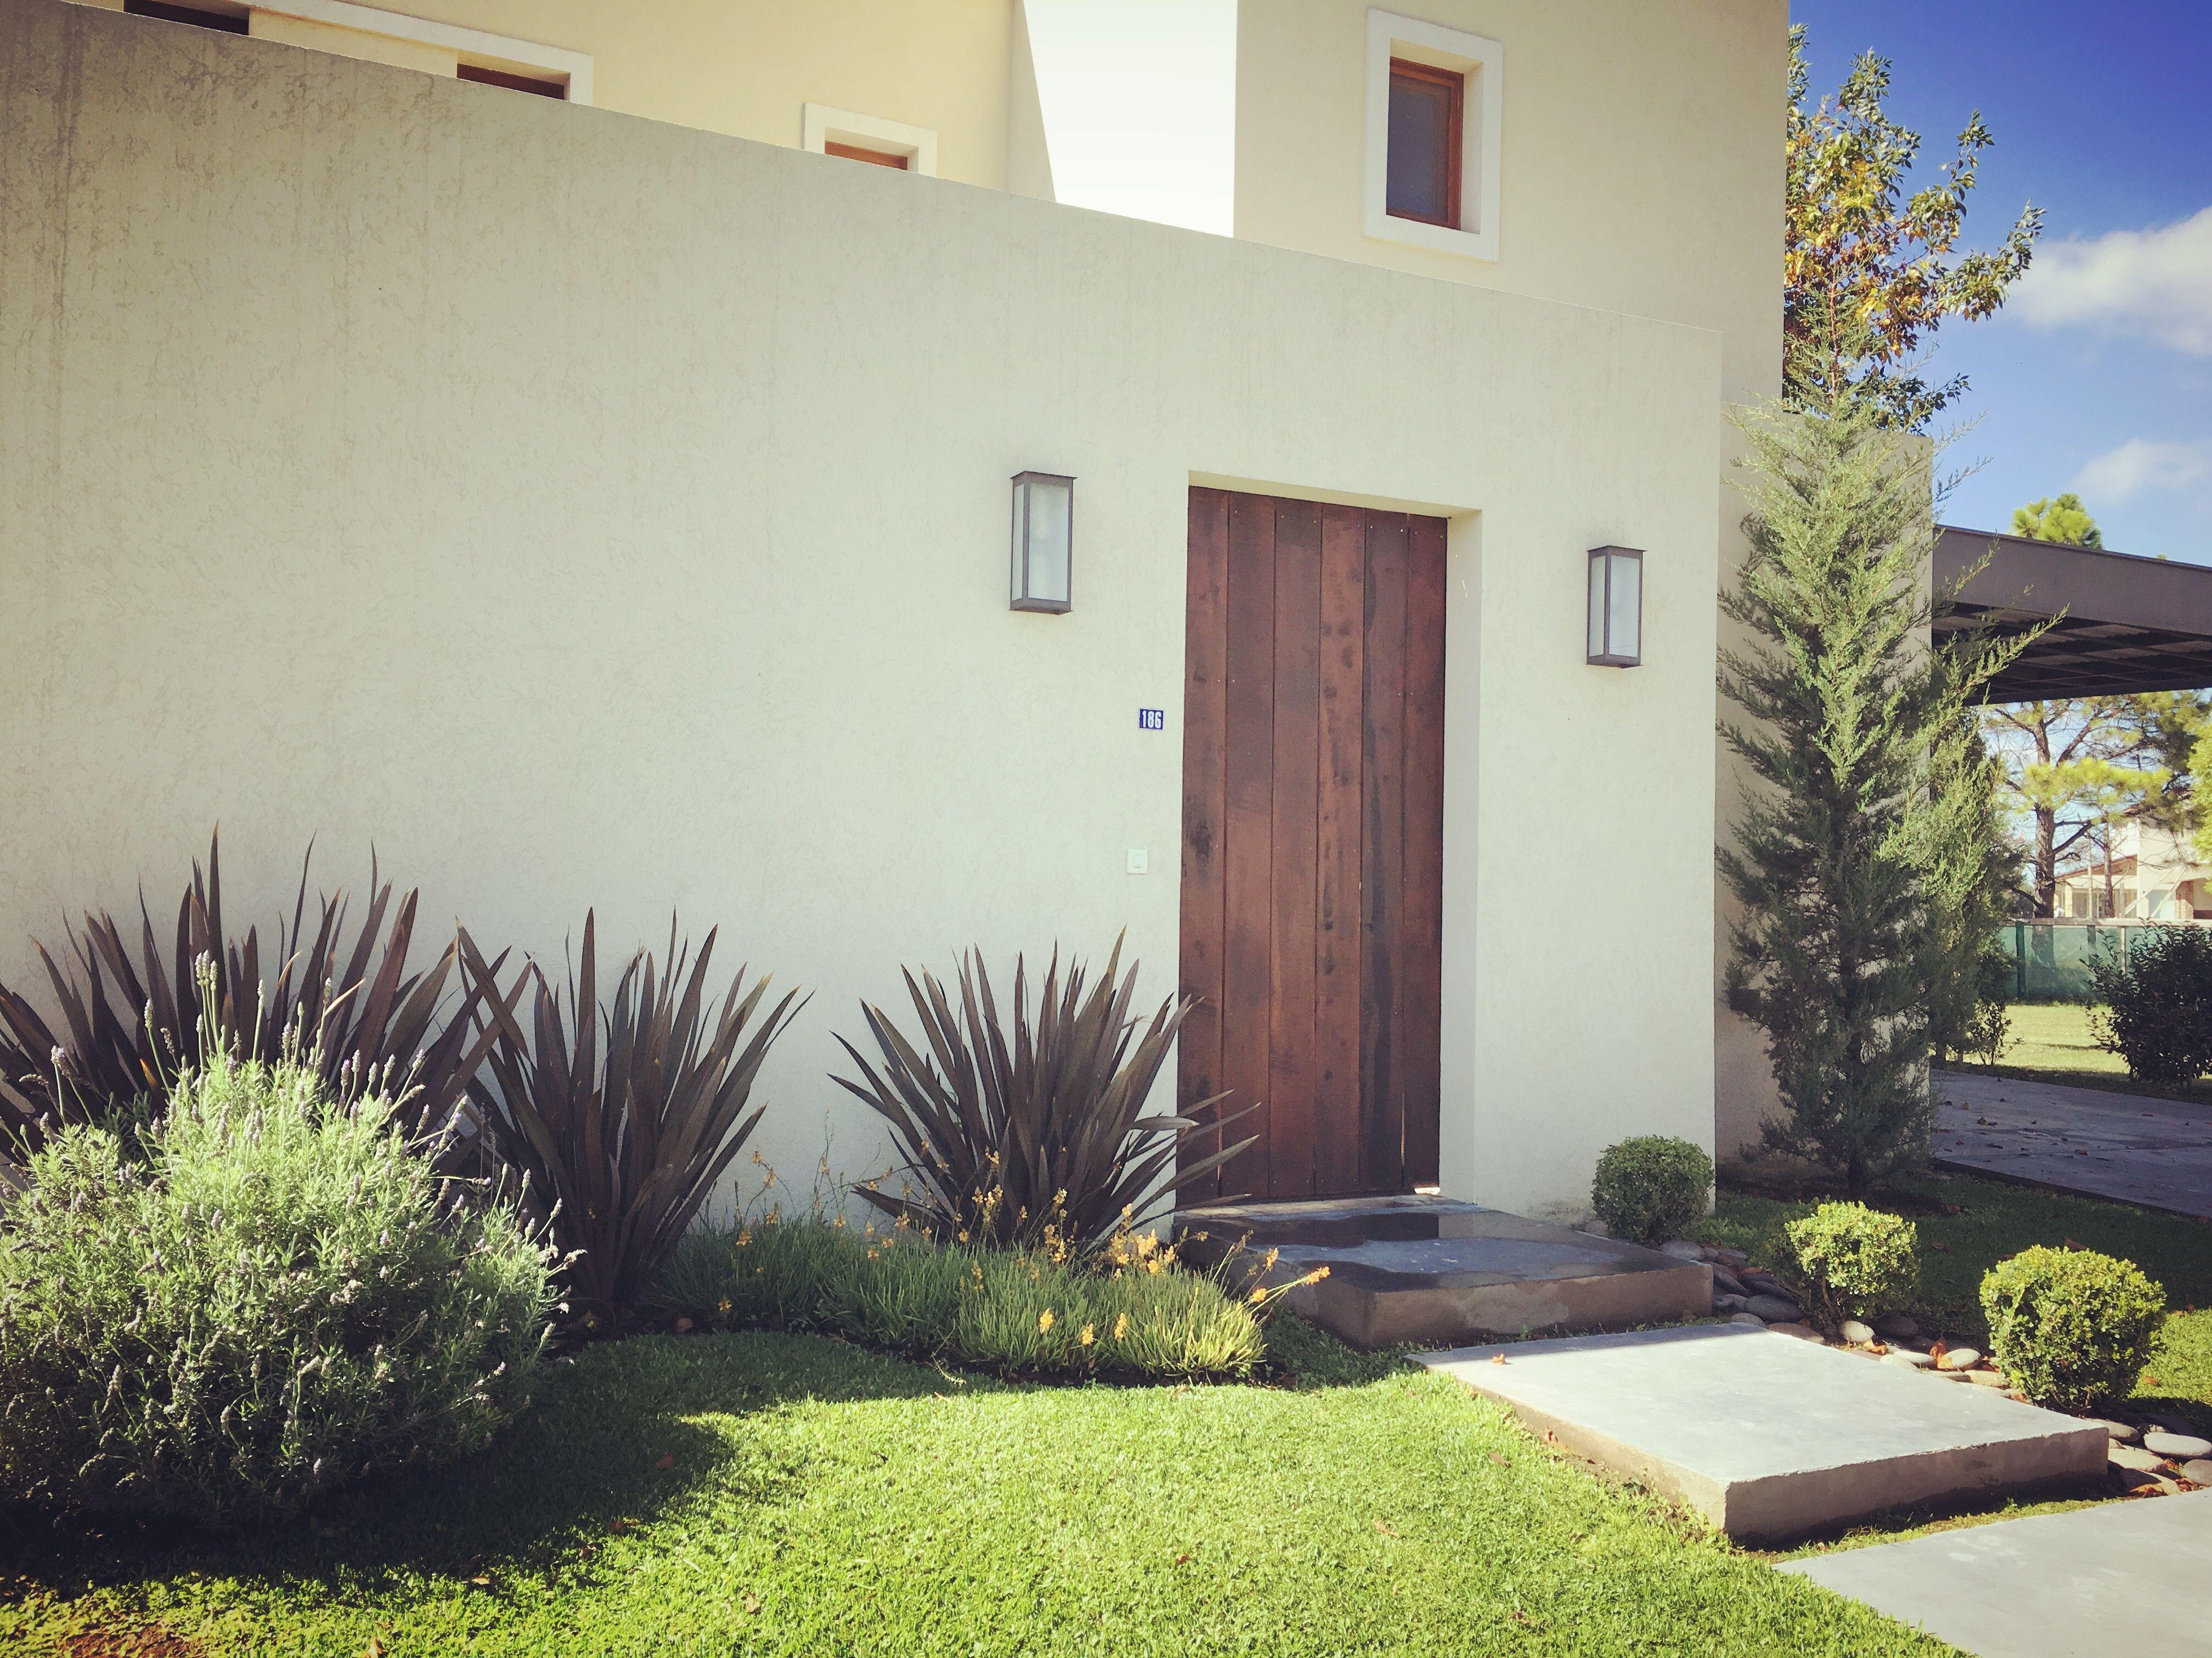 Jardin de entrada buxus bocha formios rubra bulbines y for Jardin 7 colores bernal